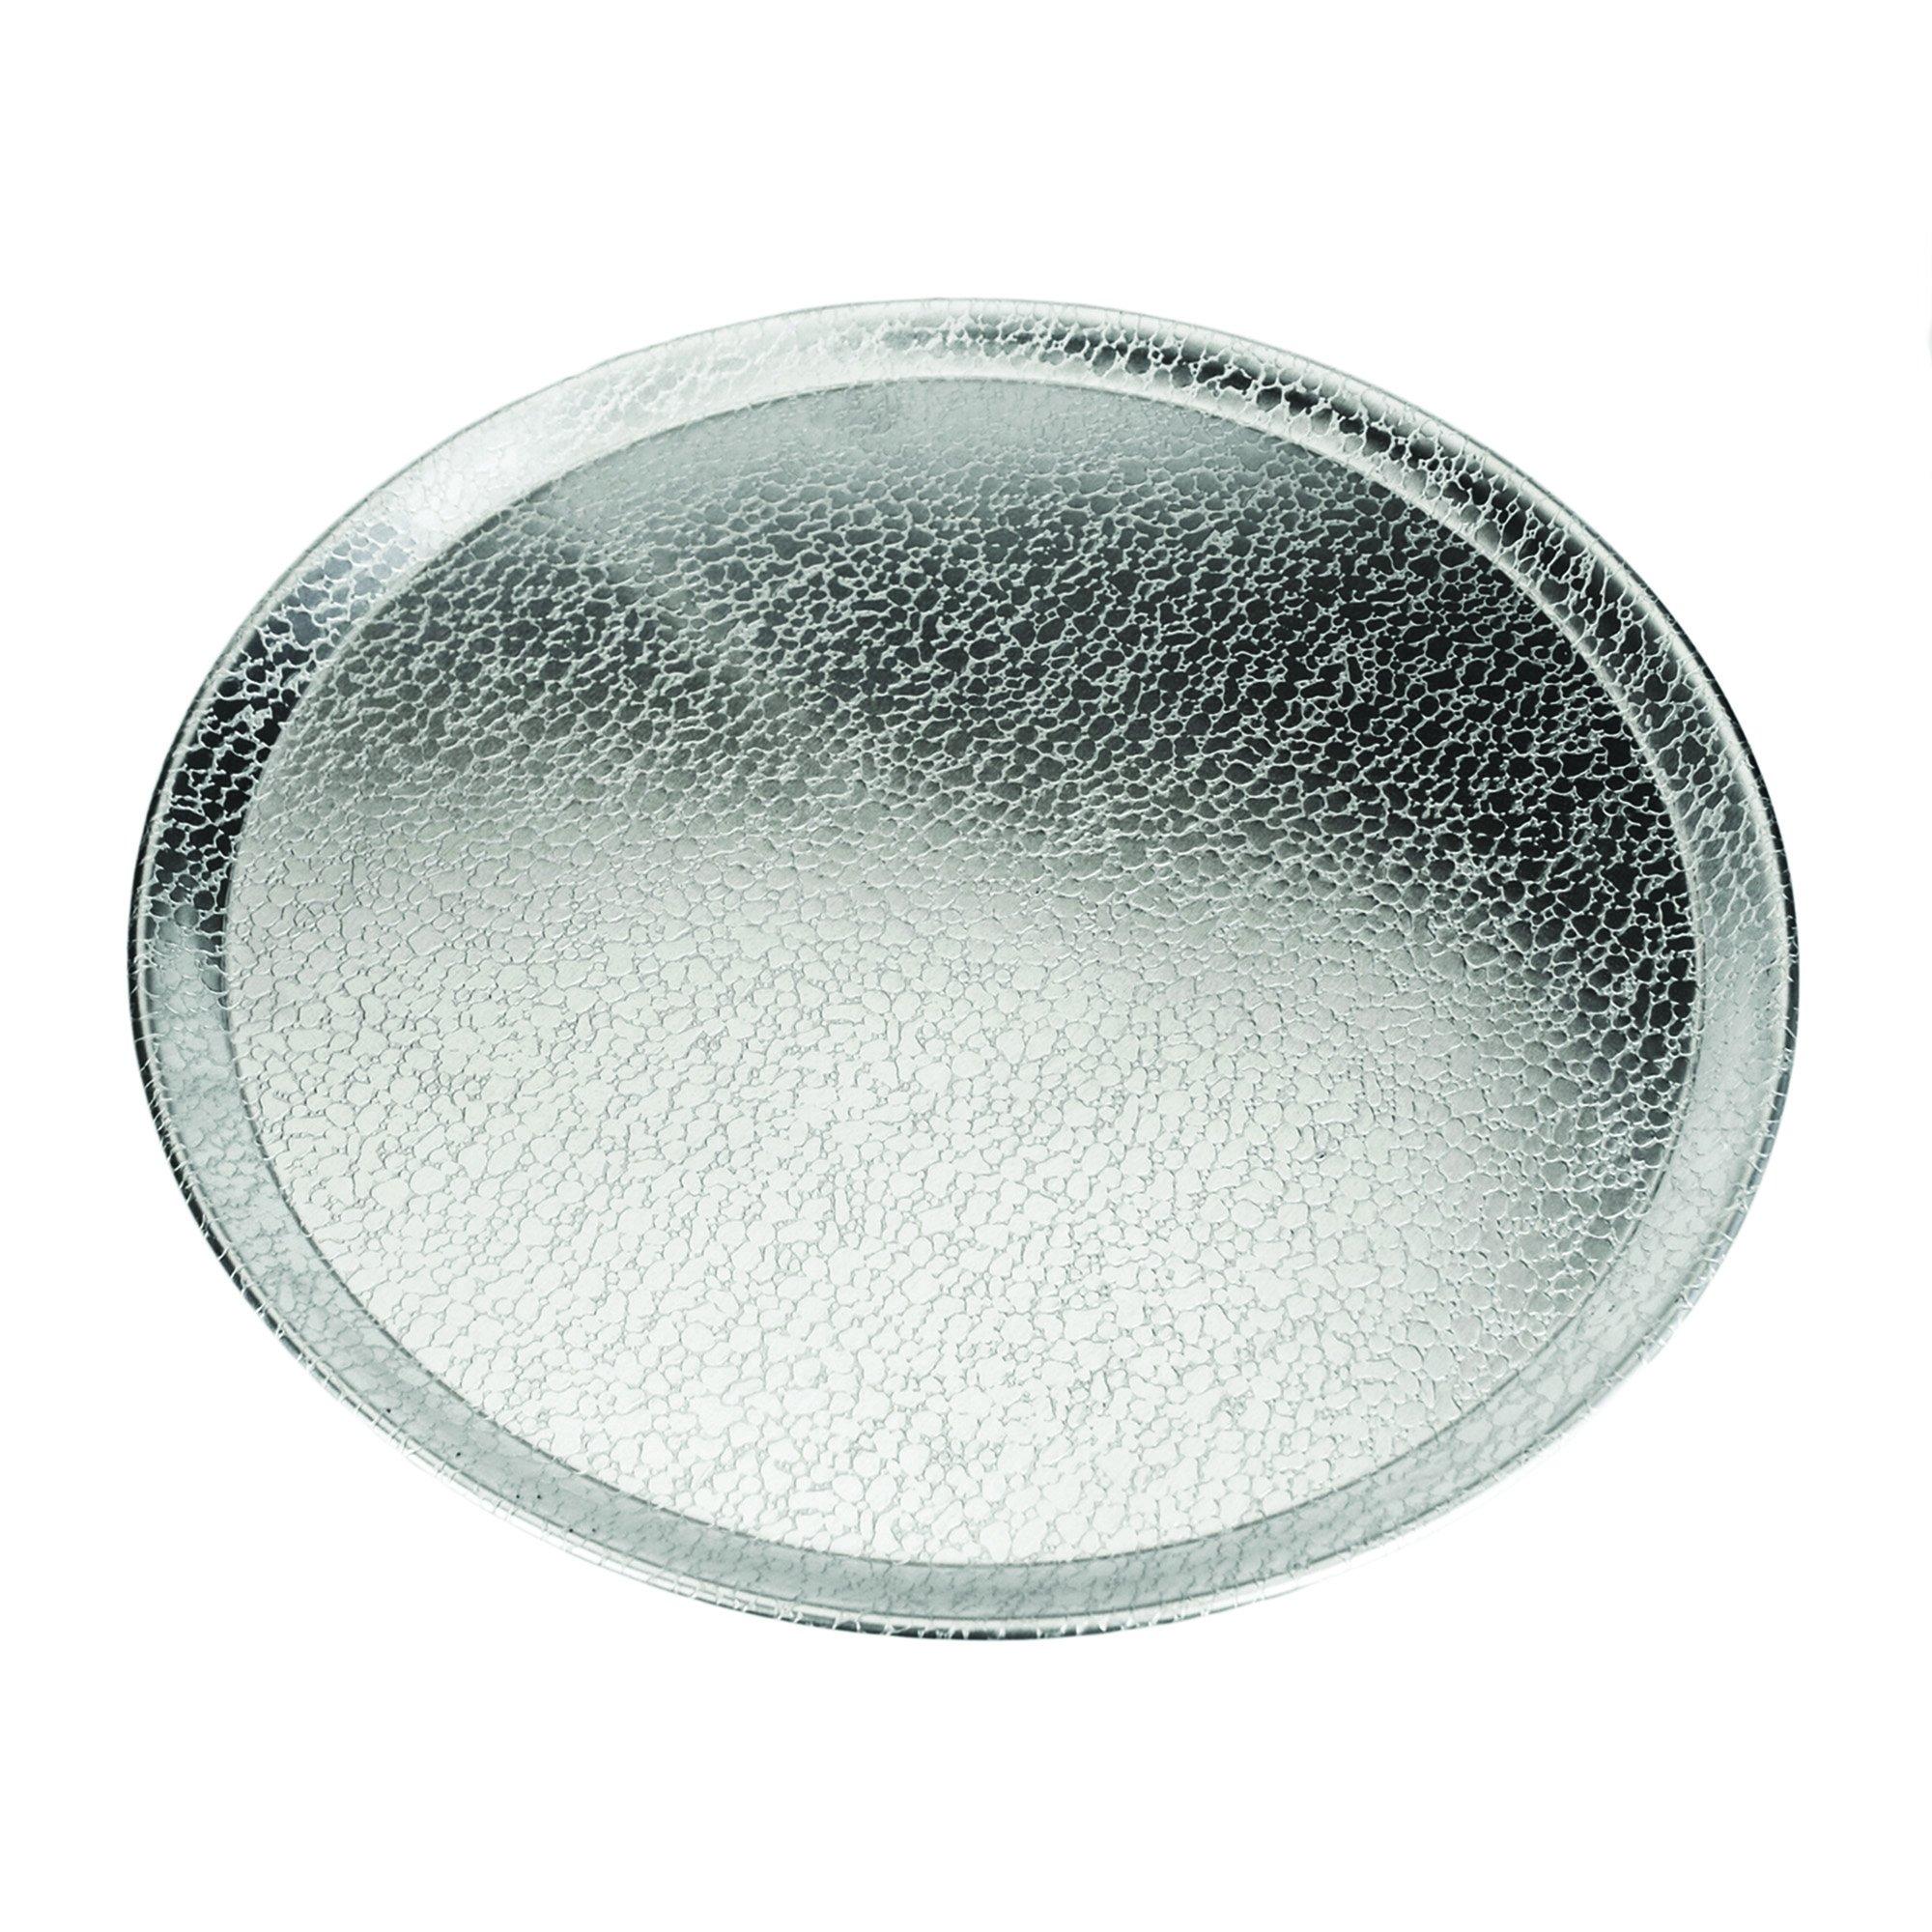 15'' Pizza Pan Commercial Grade Aluminum